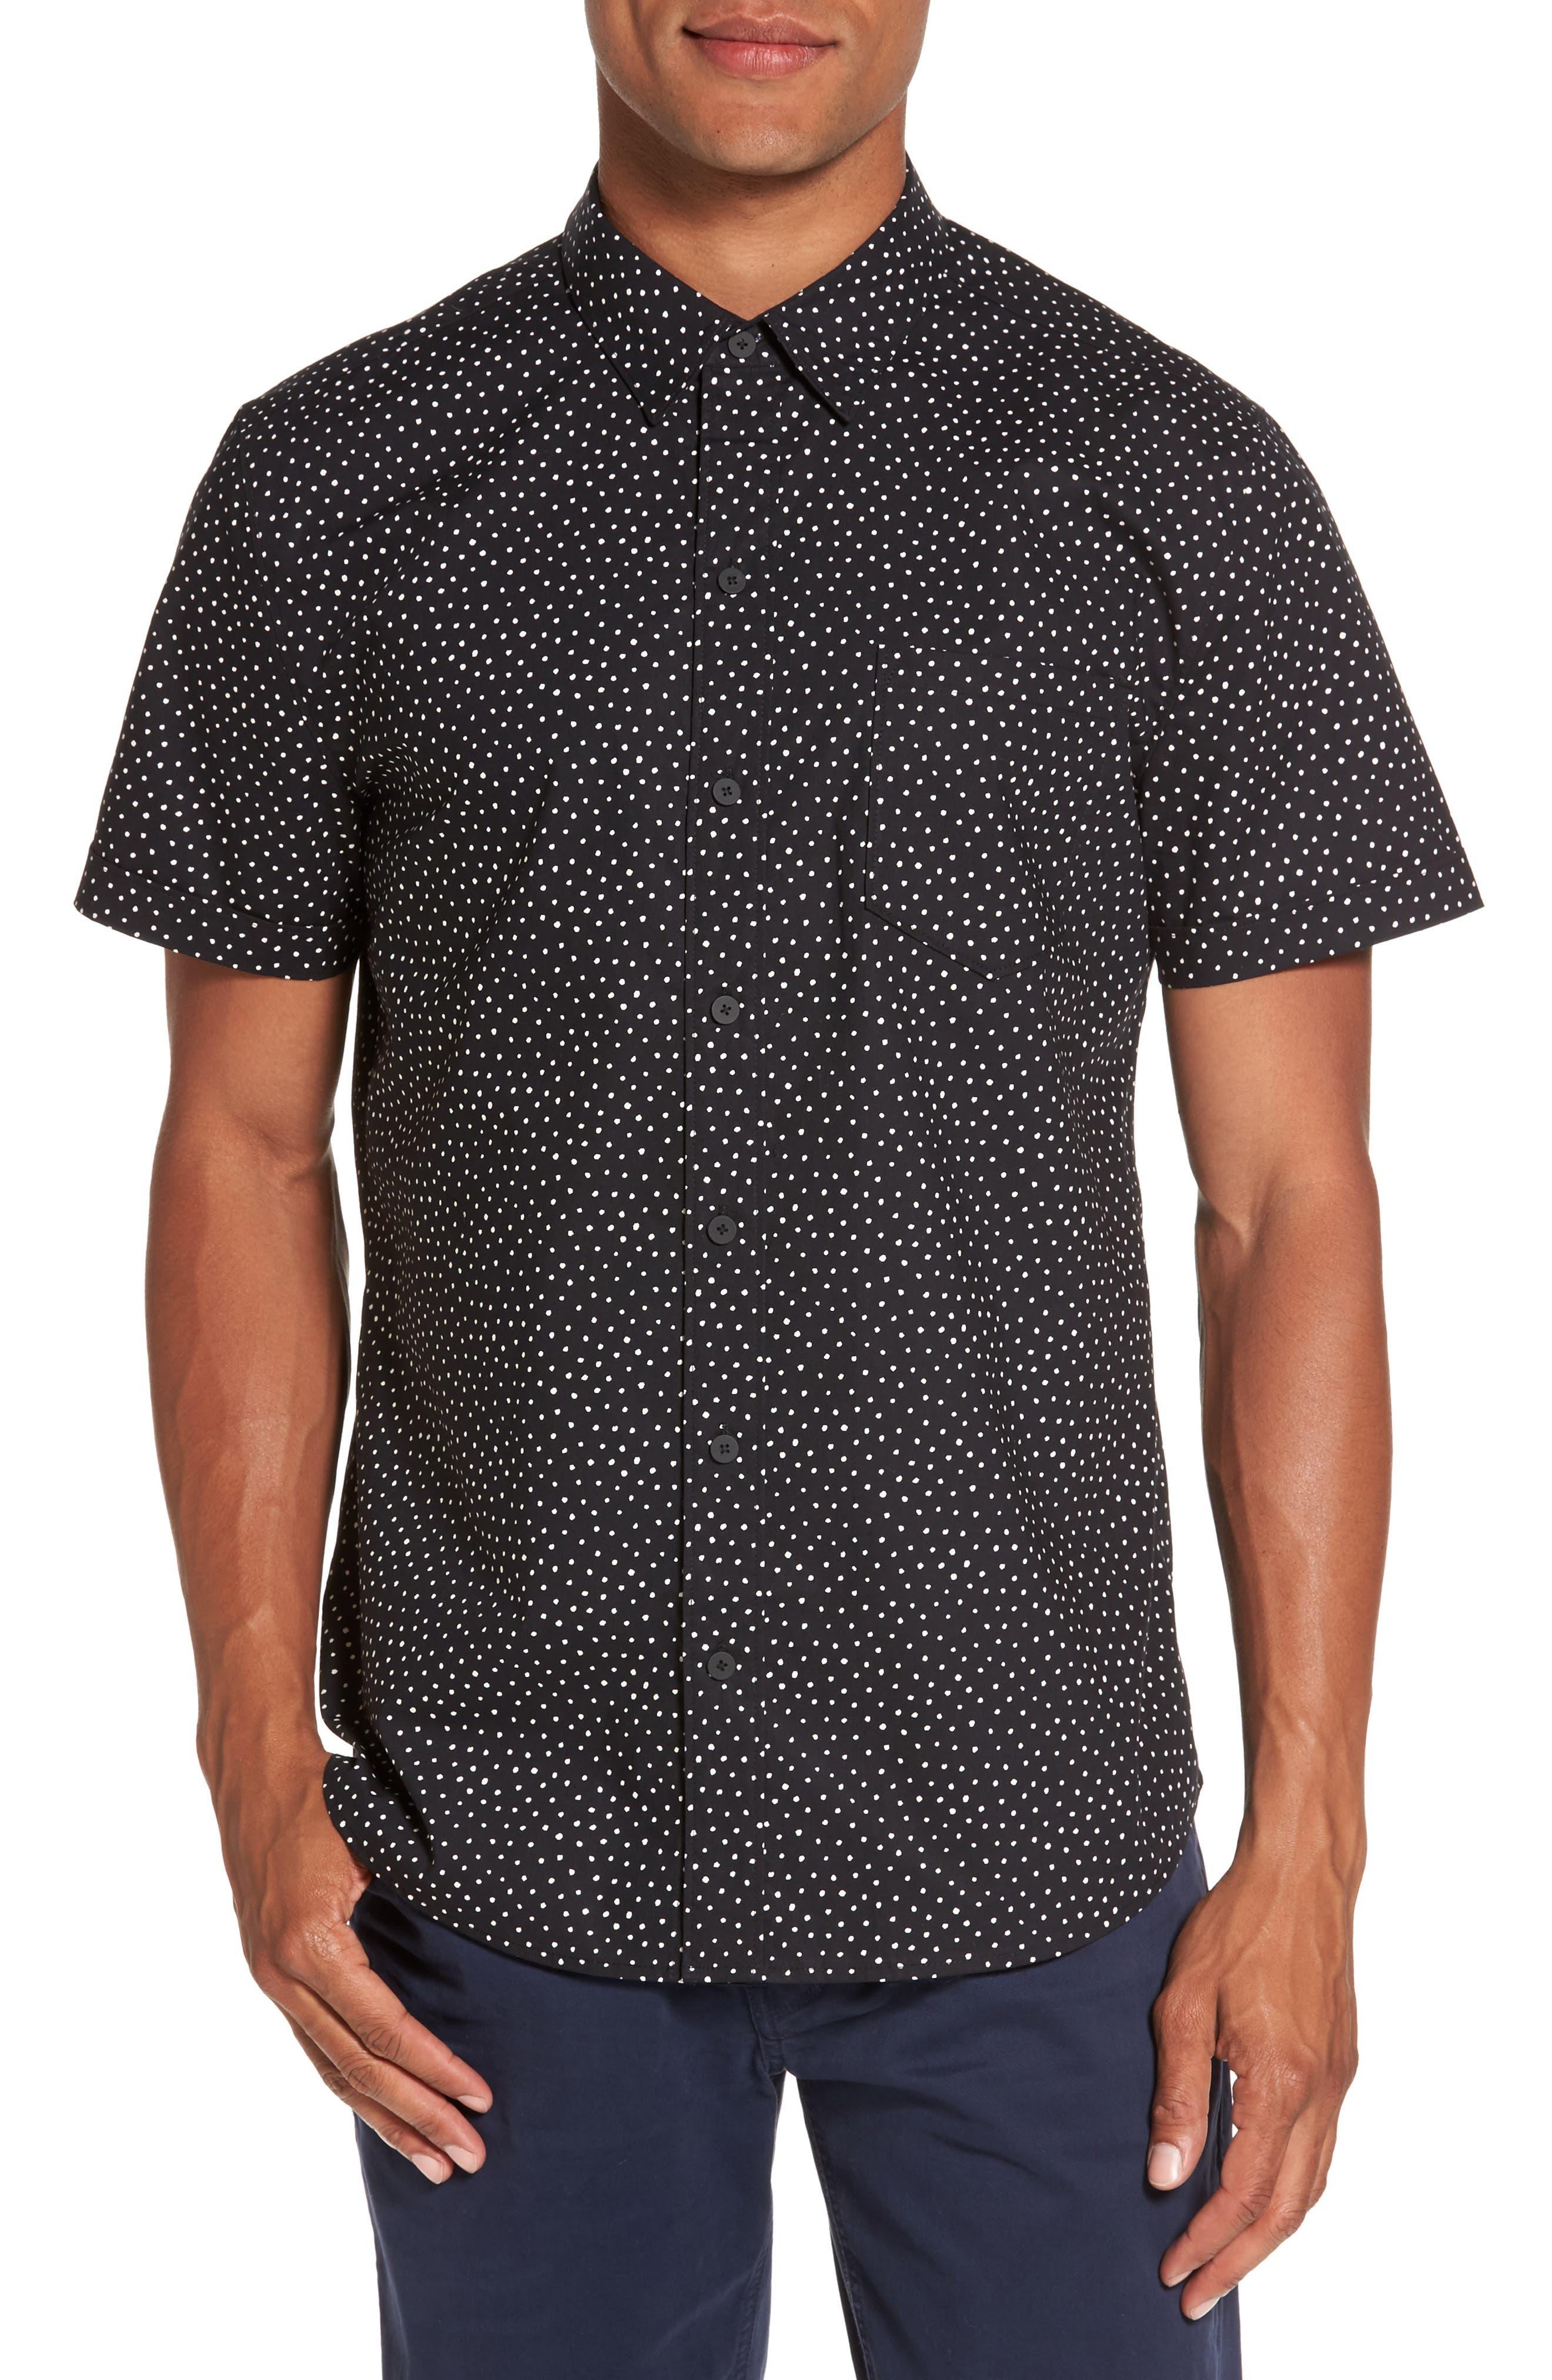 Becker Dot Print Woven Shirt,                         Main,                         color,